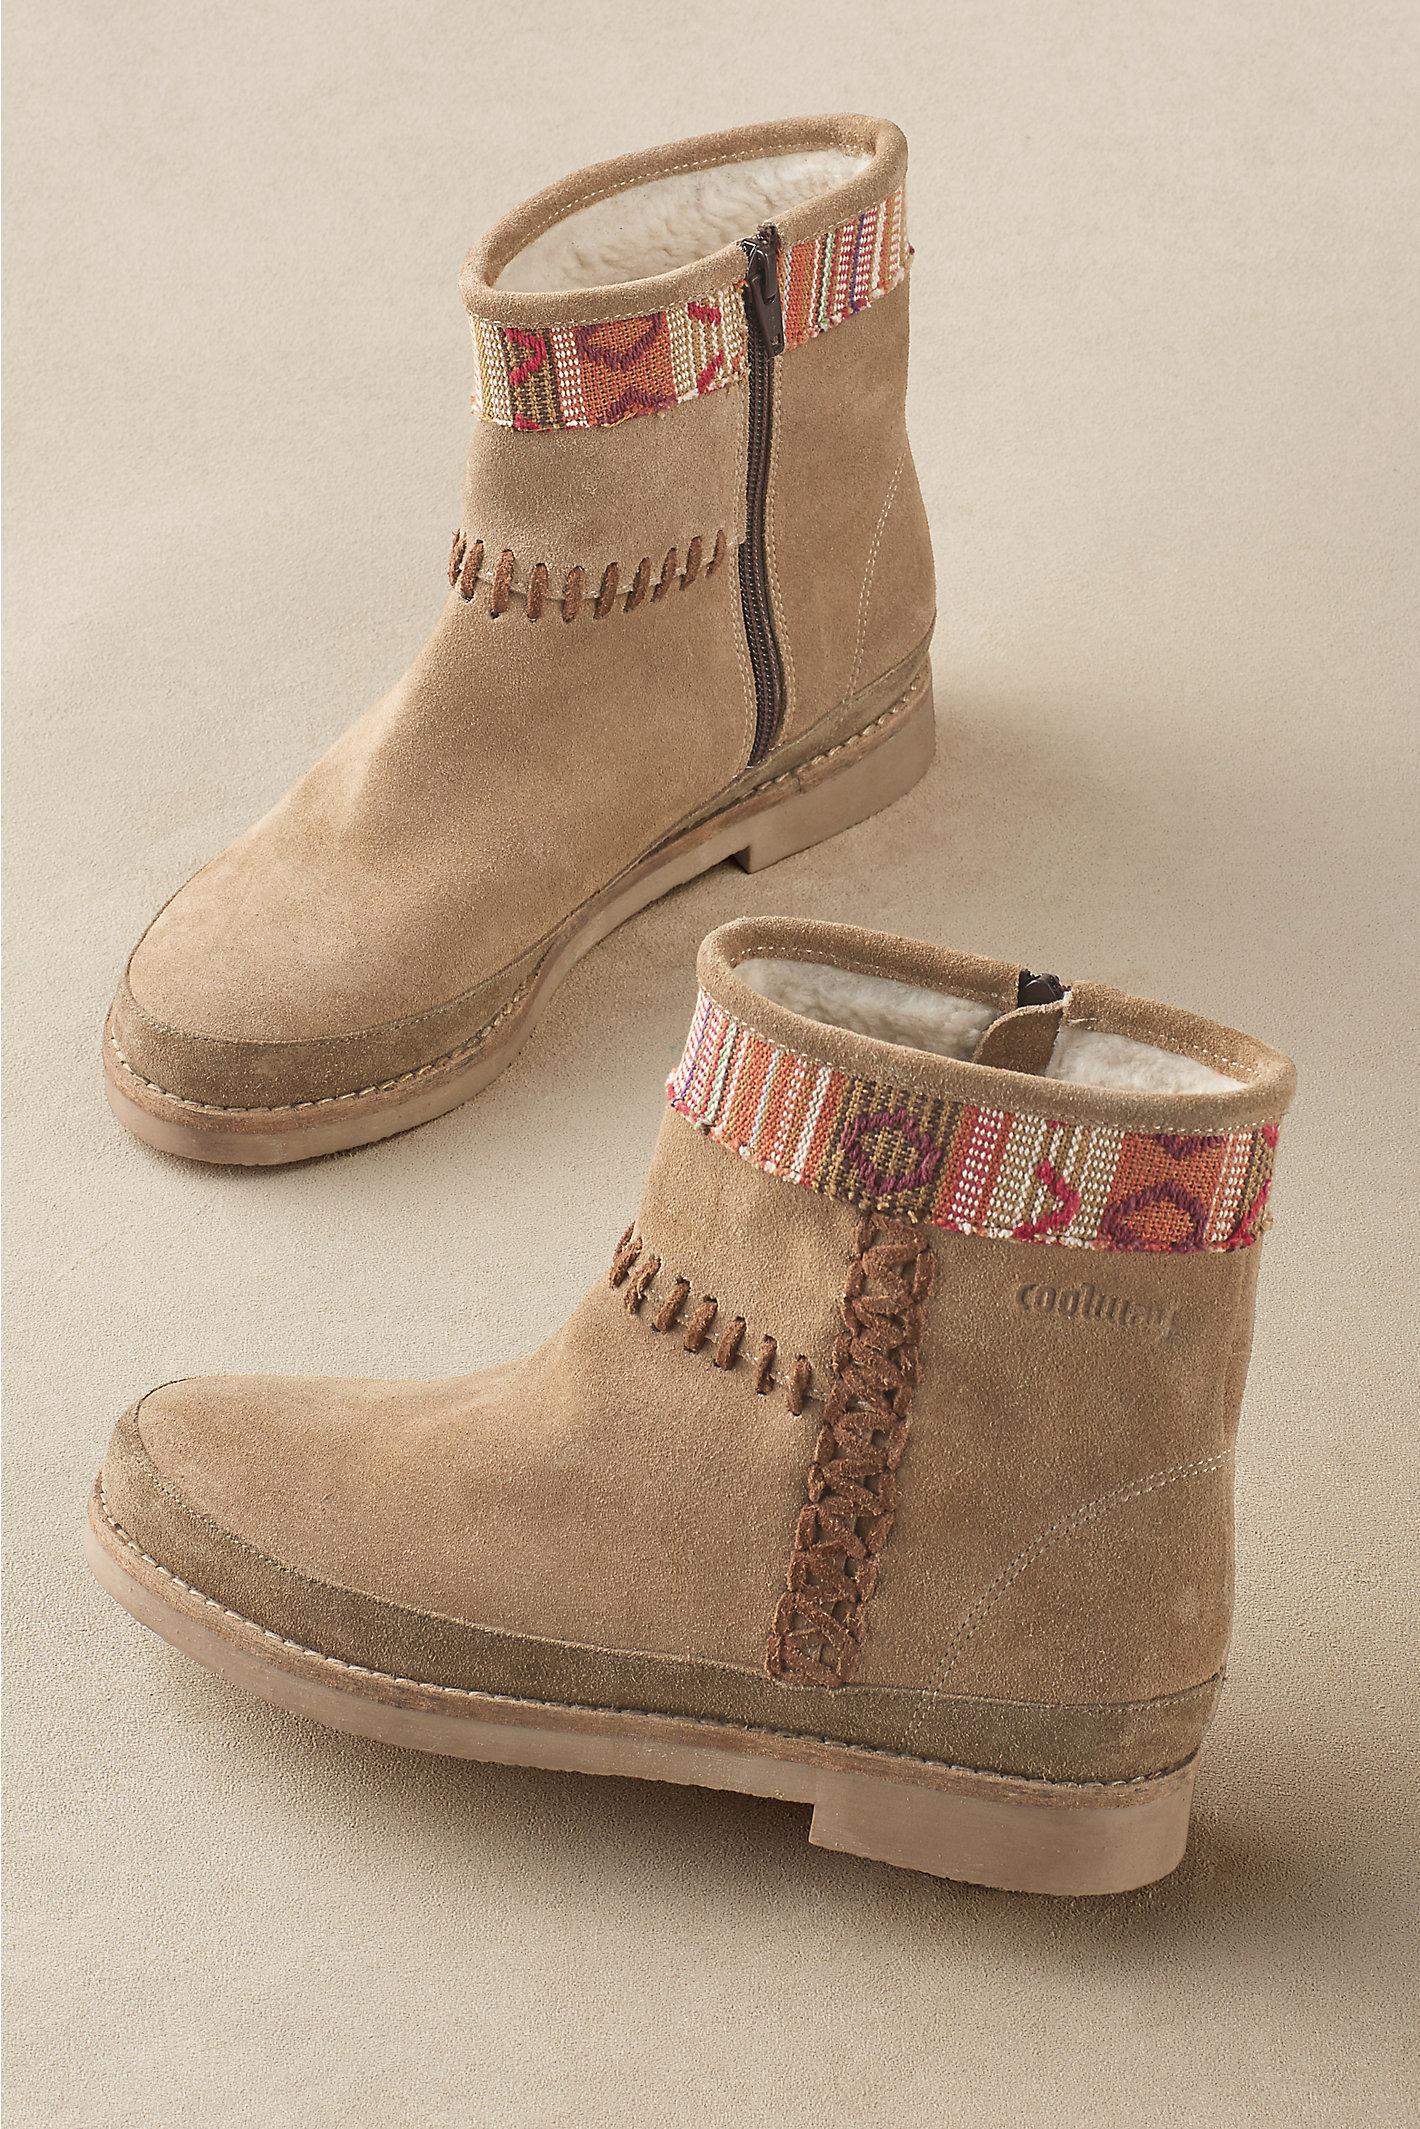 Fireside Boots